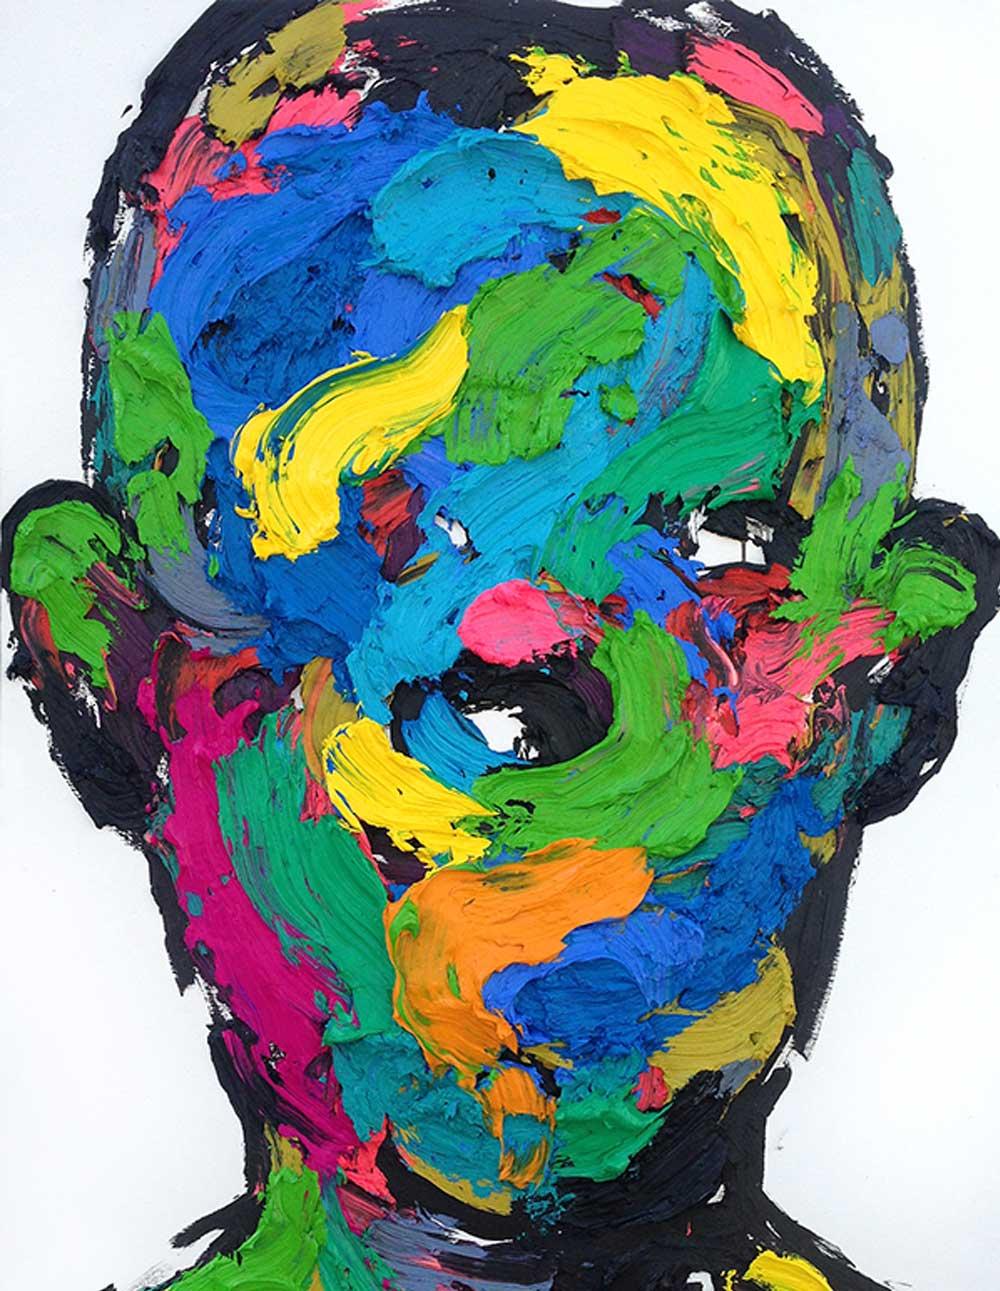 Retrato que combina diferentes colores y texturas del artista KwangHo Shin.